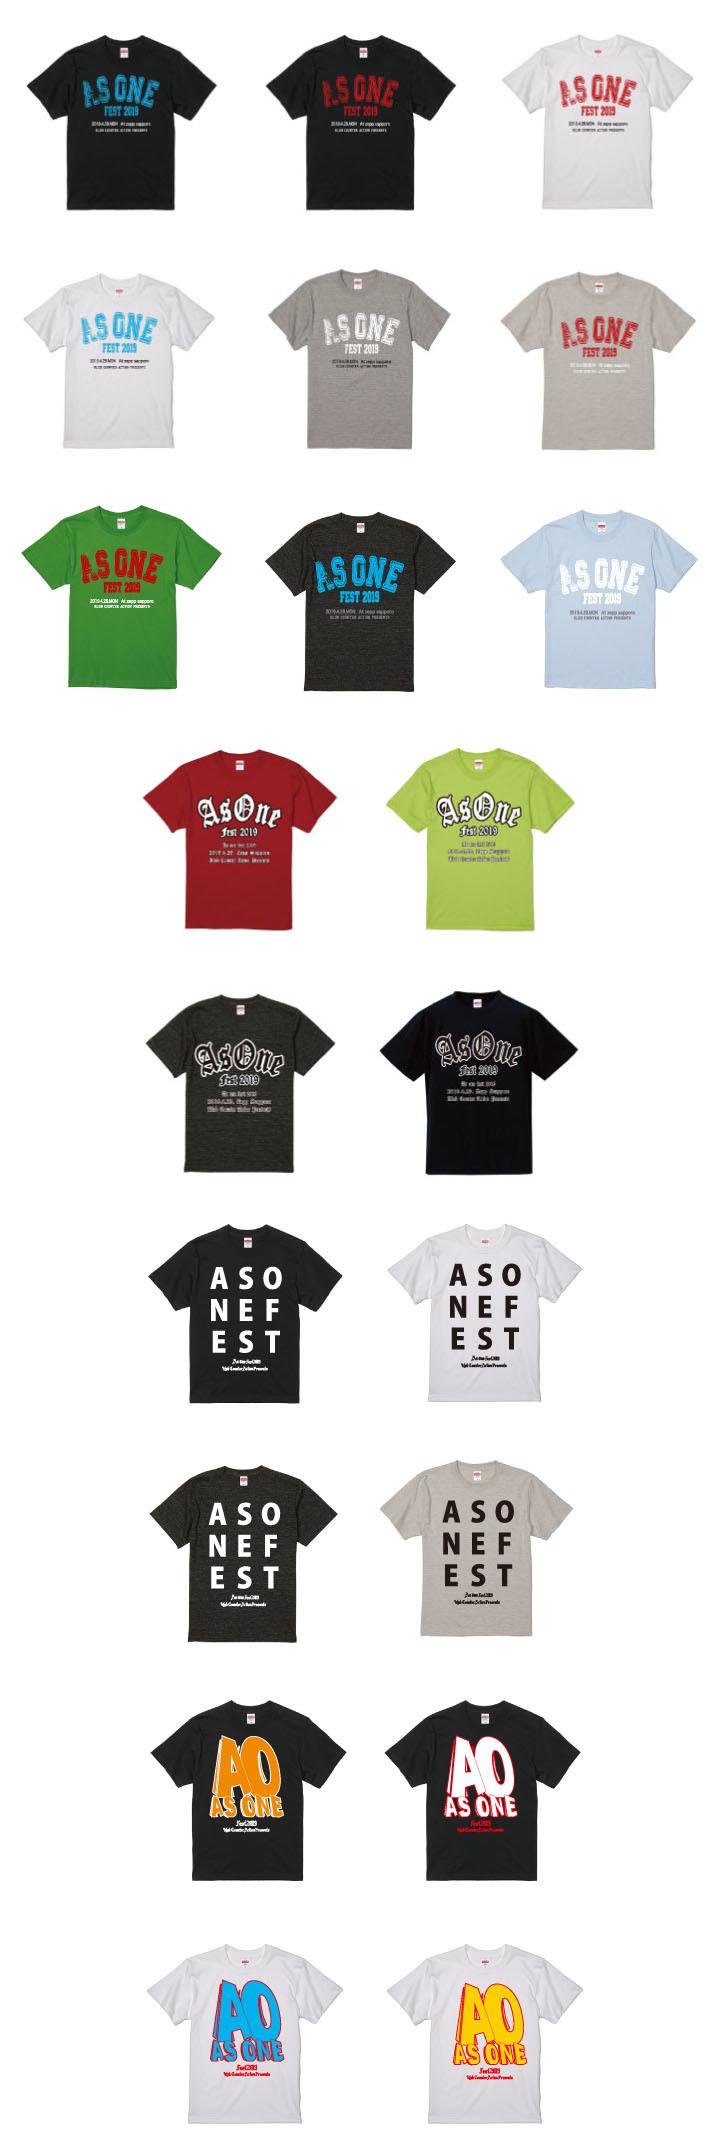 blog-tshirt2.jpg